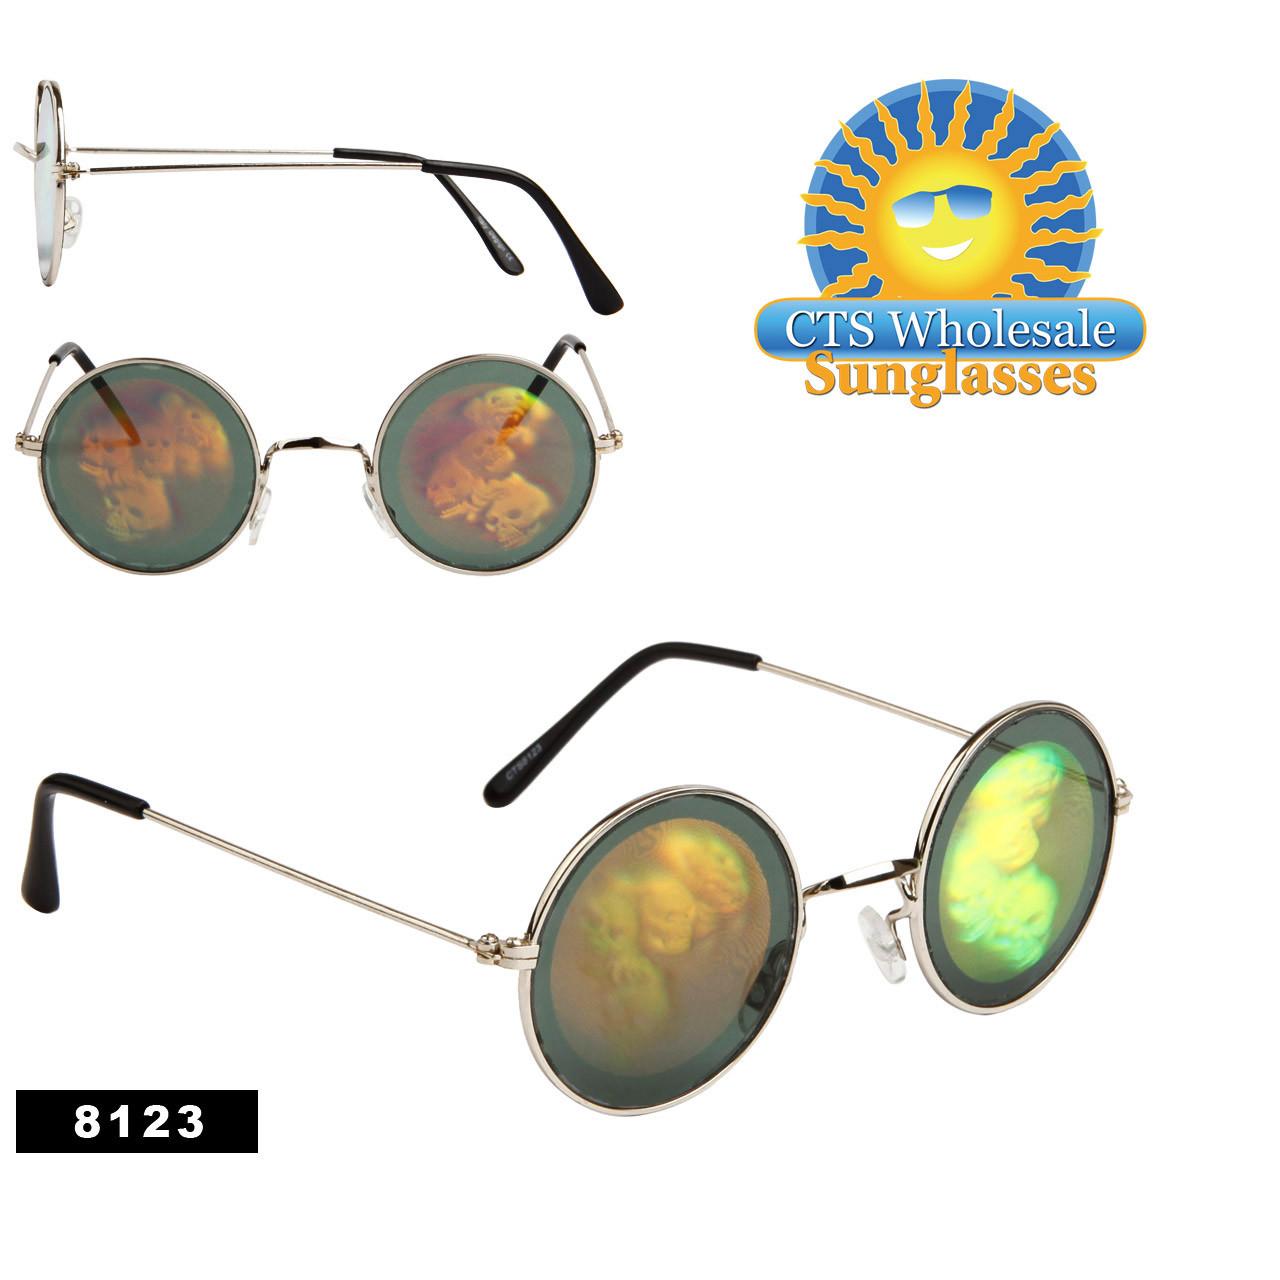 Skulls Hologram Sunglasses Wholesale - 8123